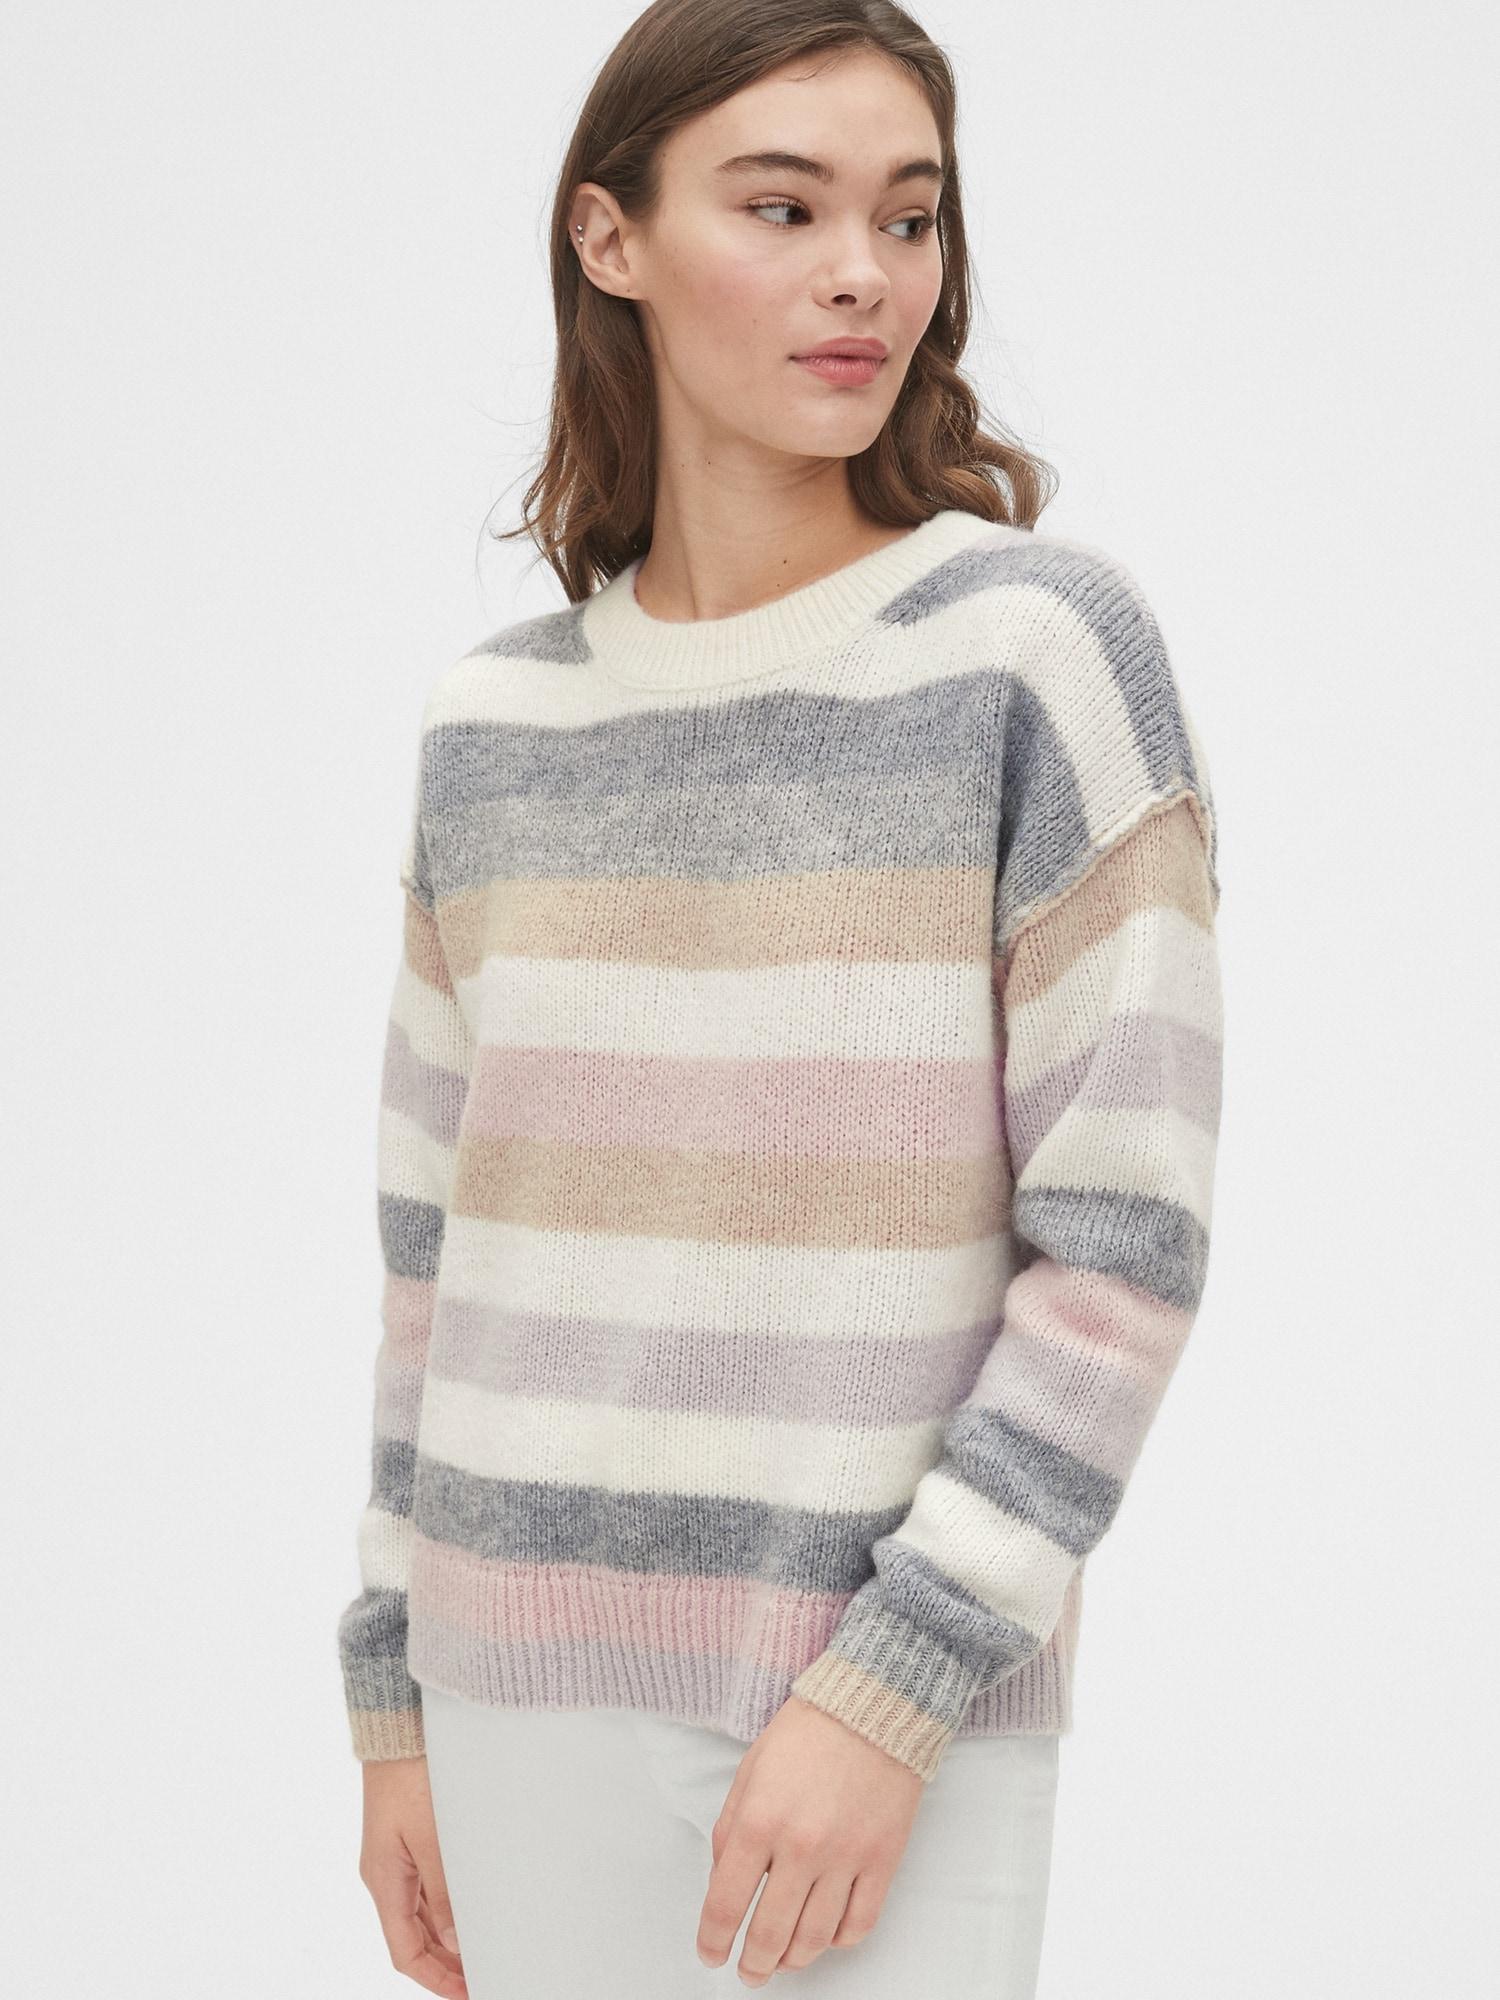 リラックスウール混紡ストライプクルーネックセーター